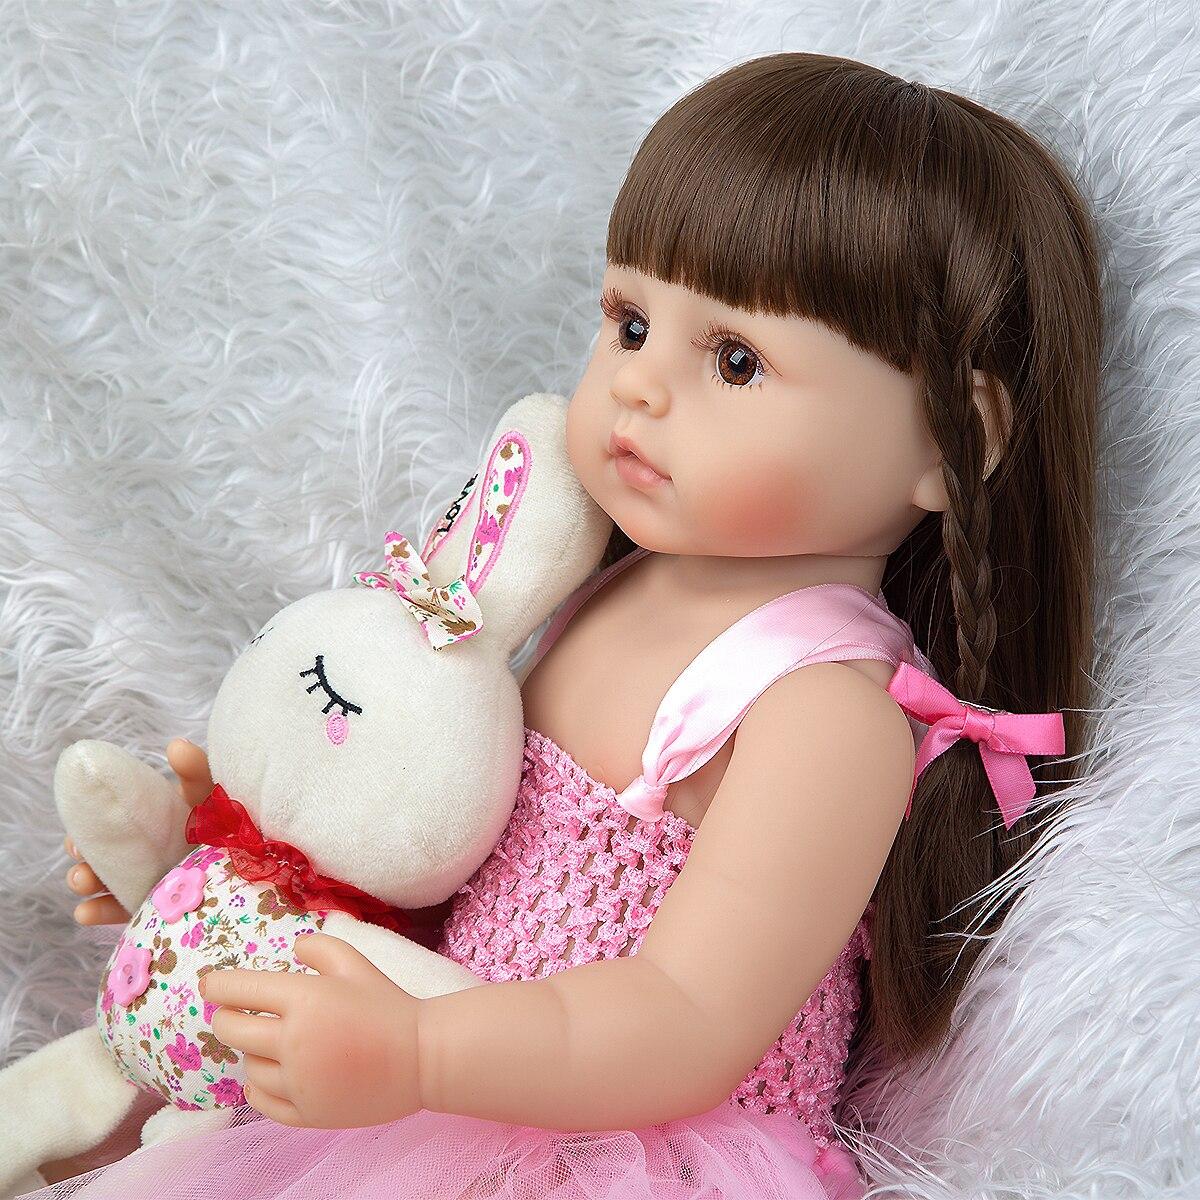 кукла-младенец keiumi 22d104-c302-h149-h07-s31-t23